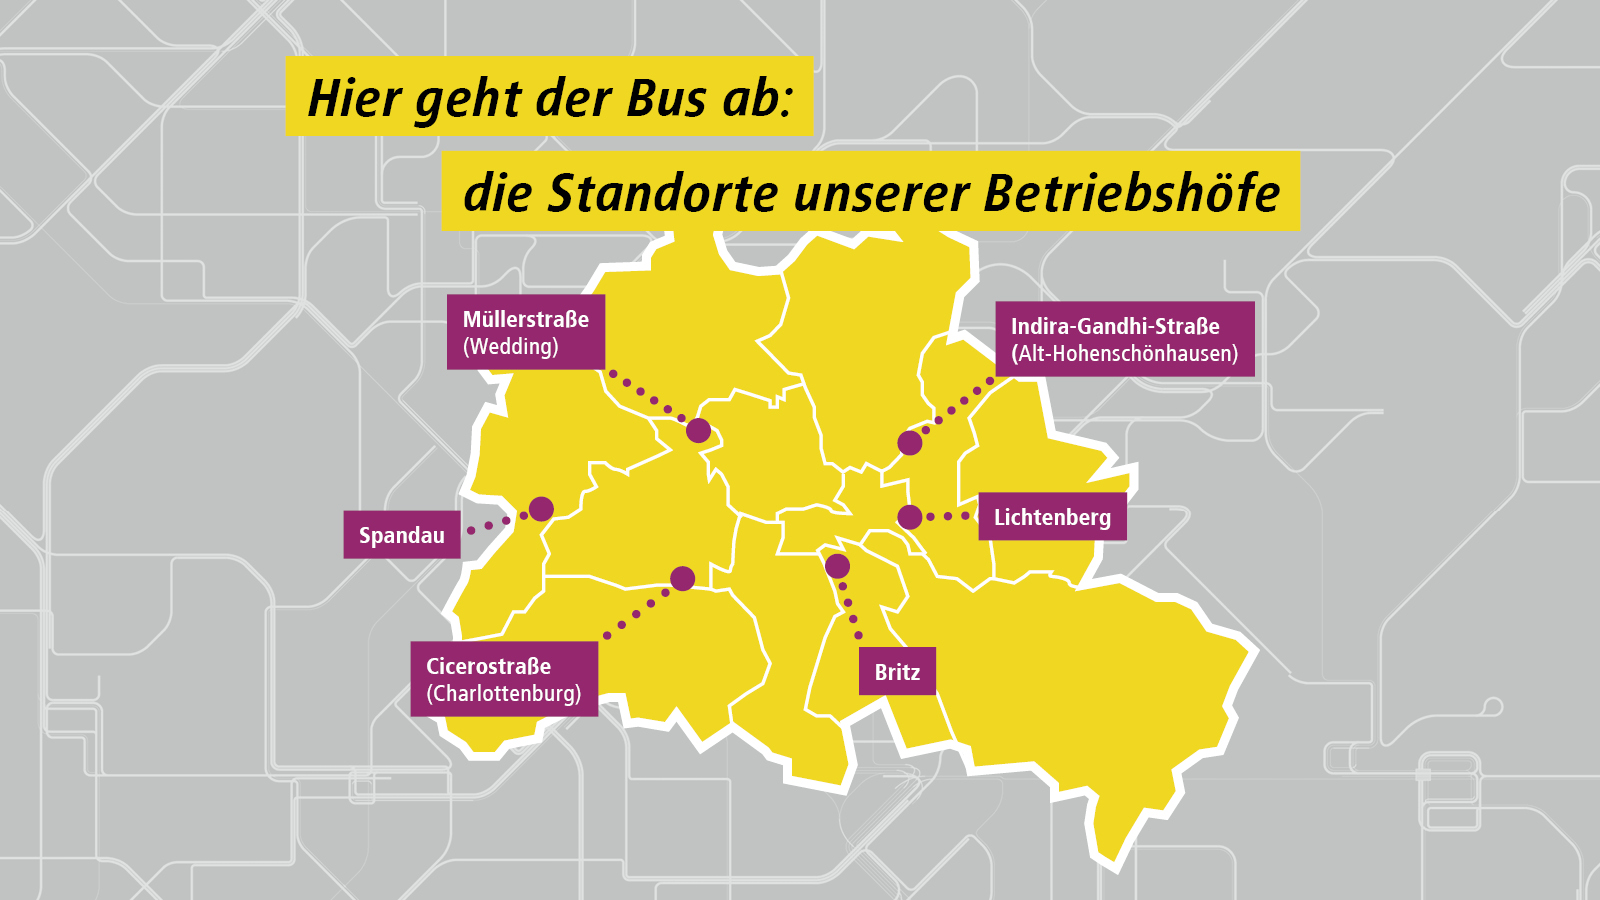 Auf einem grauen Hintergrund mit dem BVG-Liniennetz als Muster ist eine gelbe Landkarte der Berliner Bezirke abgebildet. Darauf sind in Lila die Standorte der BVG Betriebshöfe markiert: Indira-Gandhi-Straße (Alt-Hohenschönhausen), Lichtenberg, Britz, Cicerostraße (Charlottenburg), Spandau, Müllerstraße (Wedding).